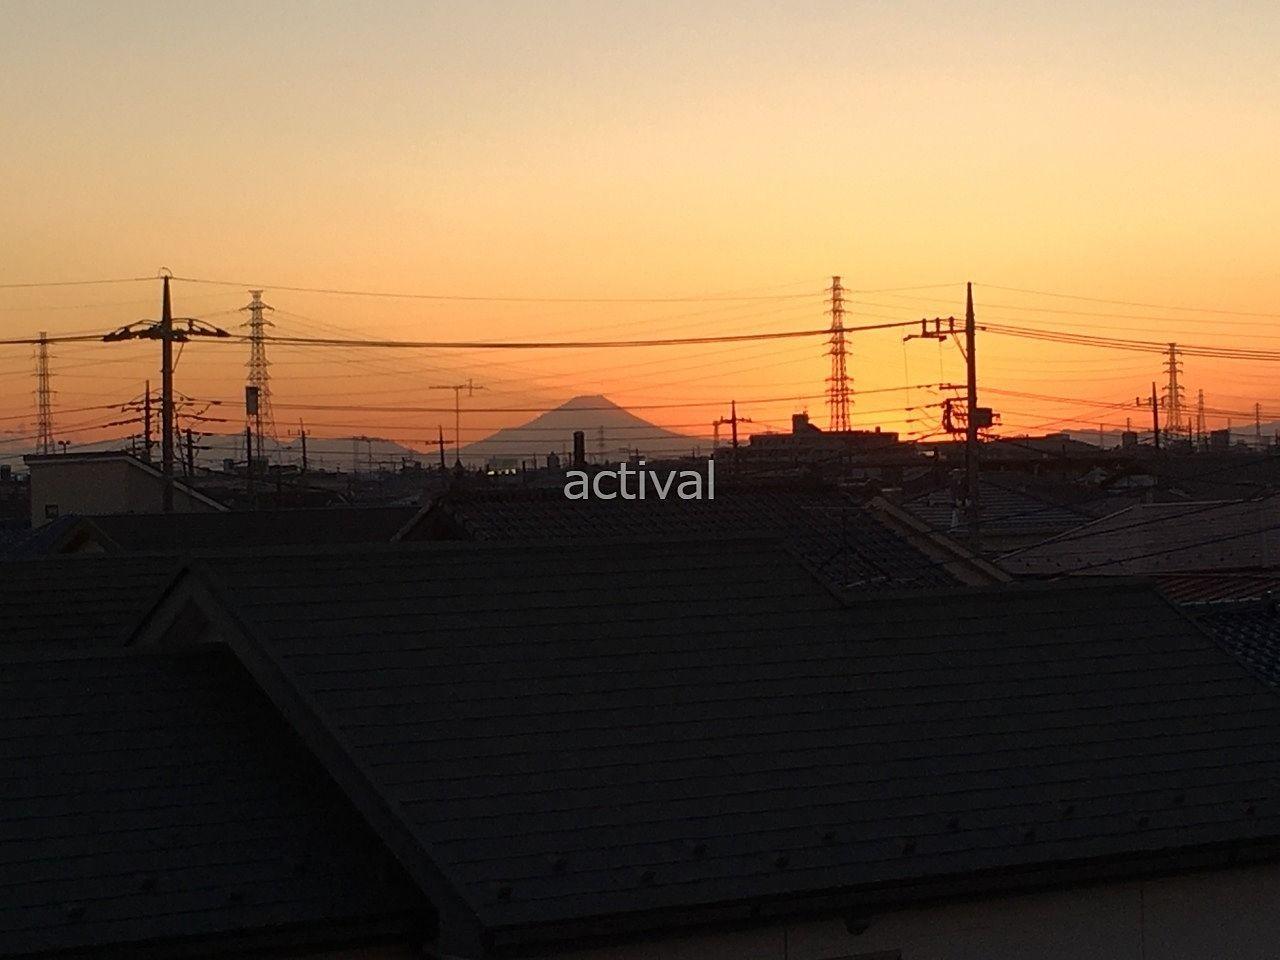 越谷市赤山町にあるア・ス・ヴェルデから富士山が見えました!!